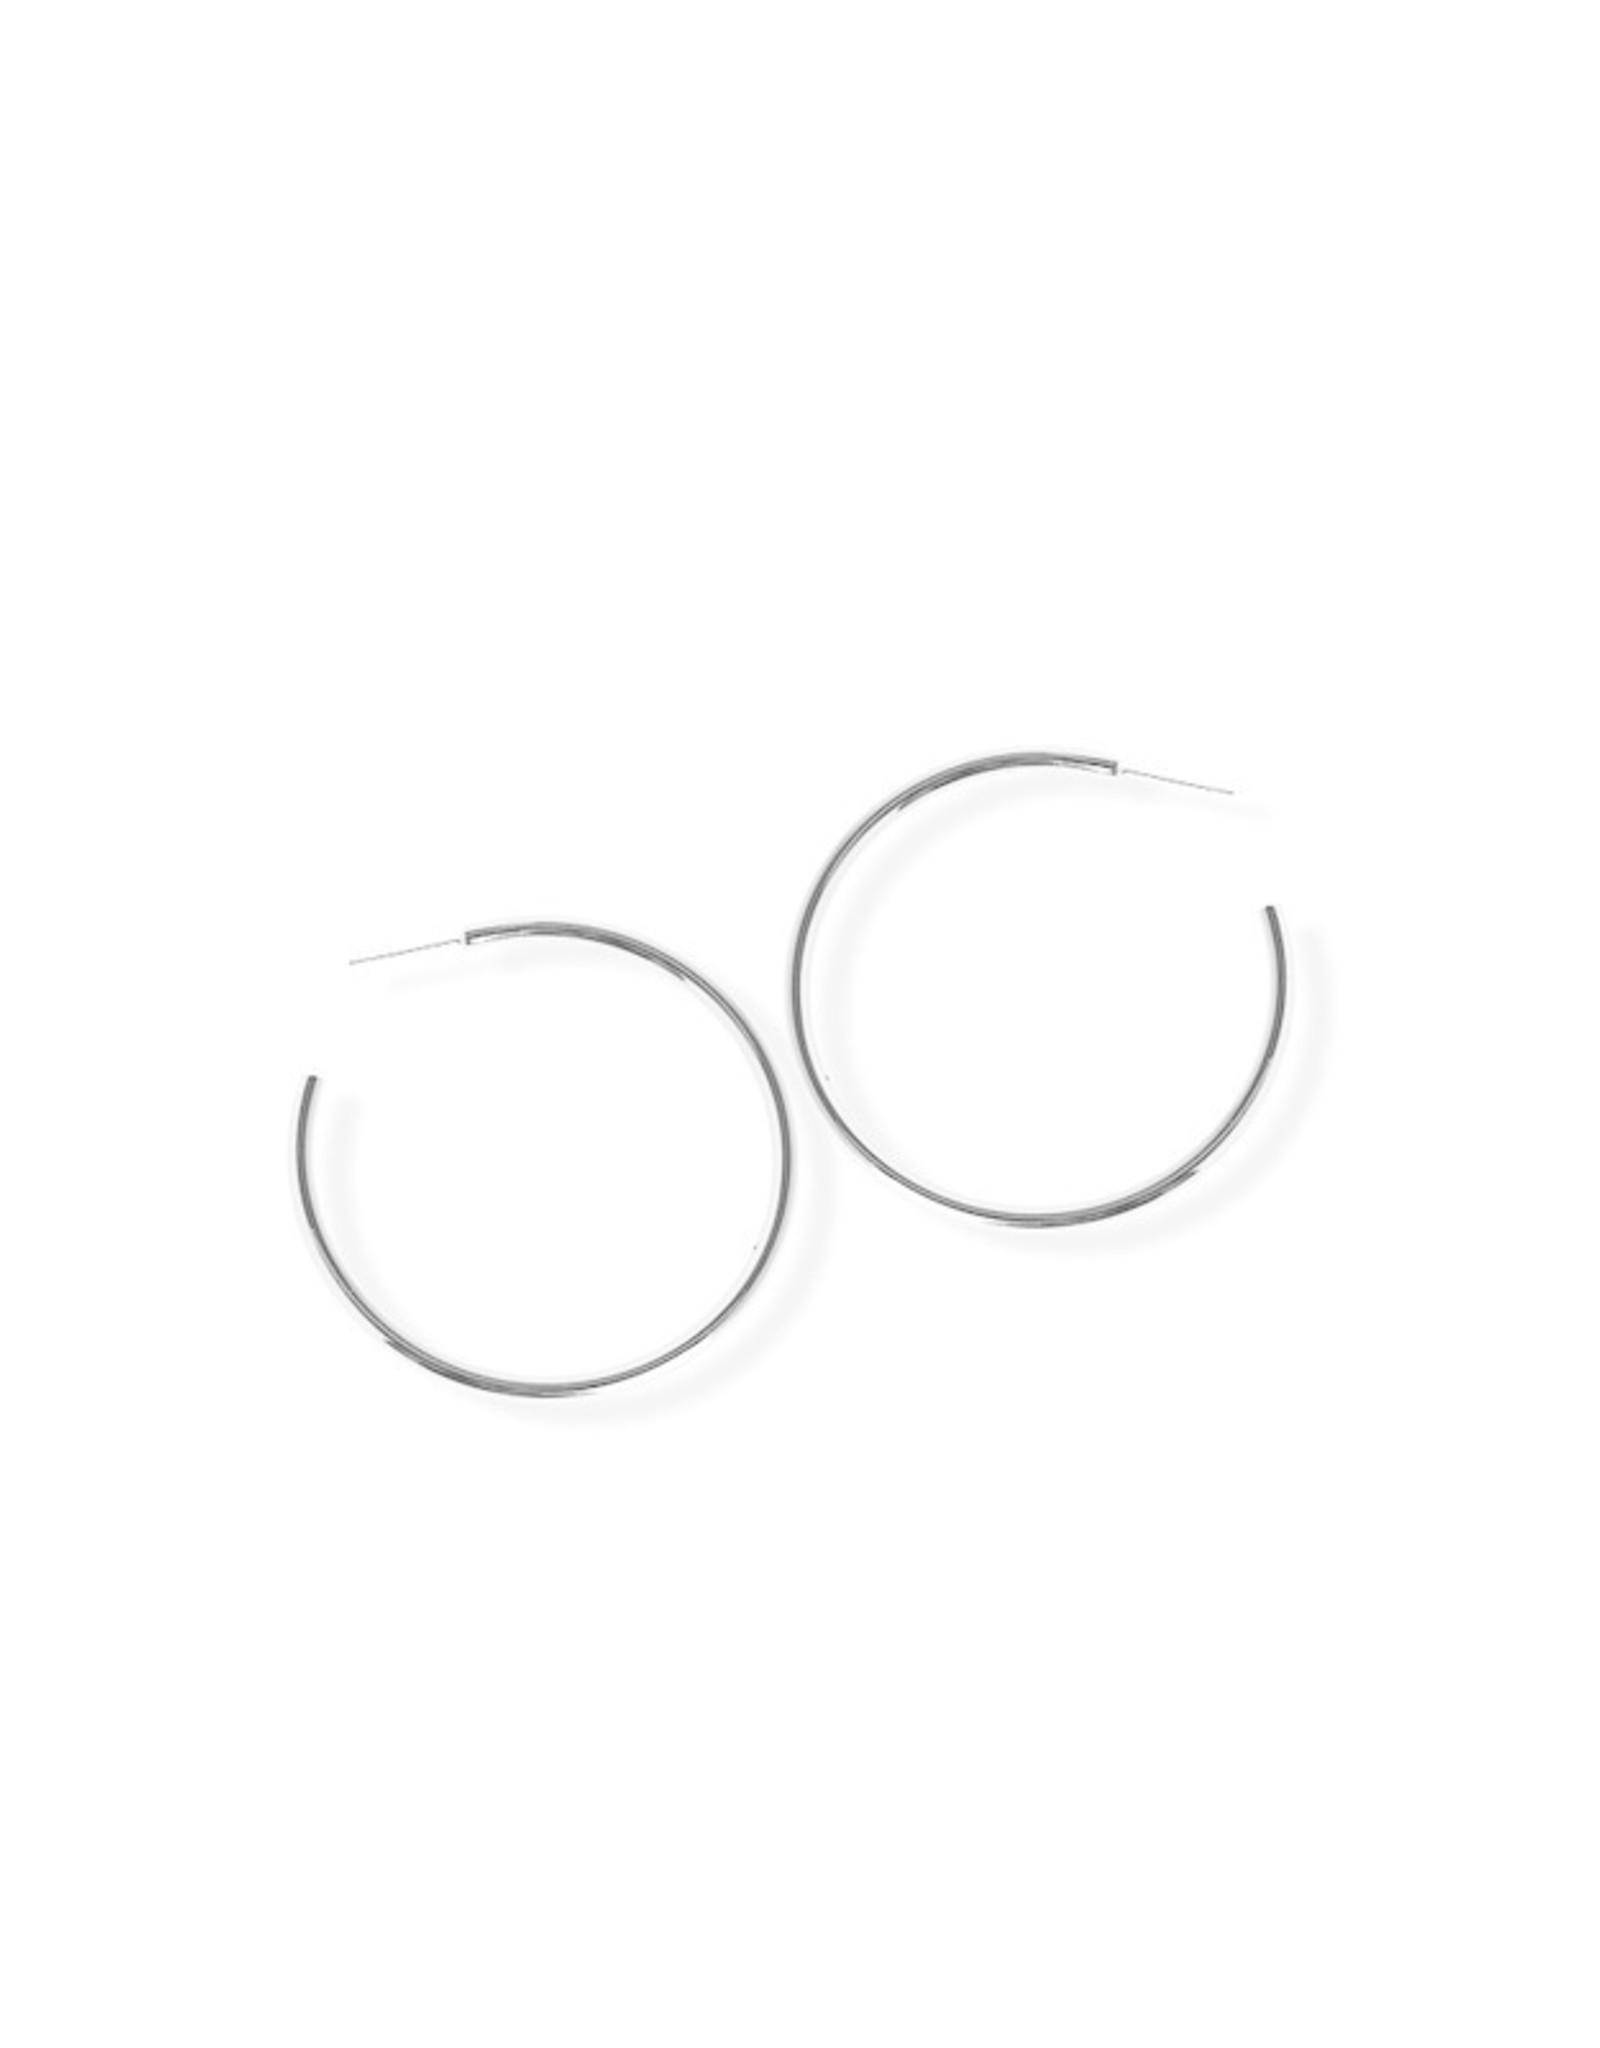 Fab accessories Boucle d'oreilles - Anneaux moyen mince en acier inoxydable